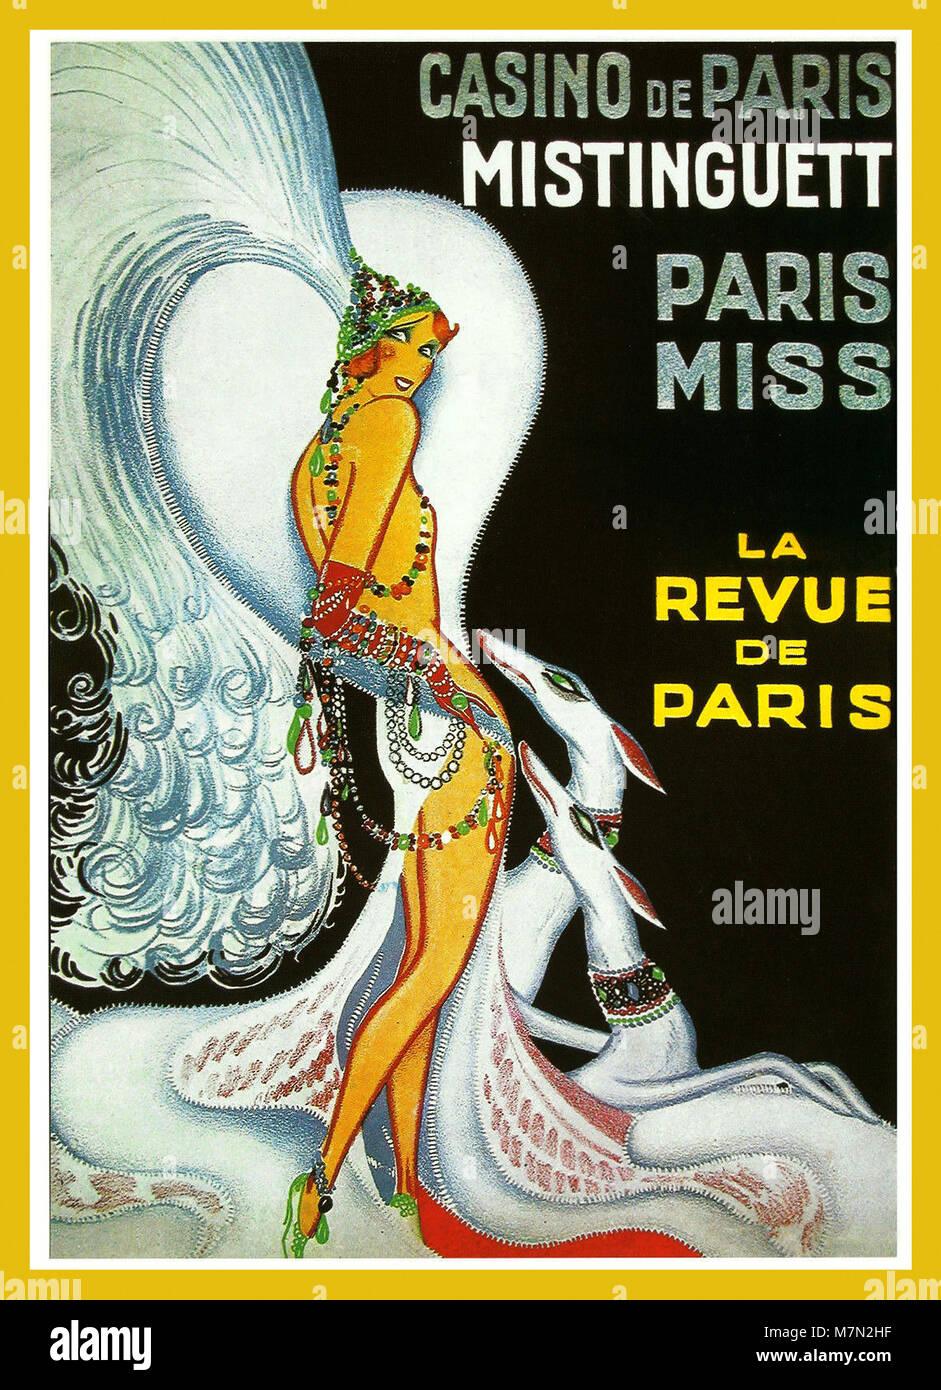 Casino De Paris France Line Renaud Vintage Travel Advertisement Poster Print